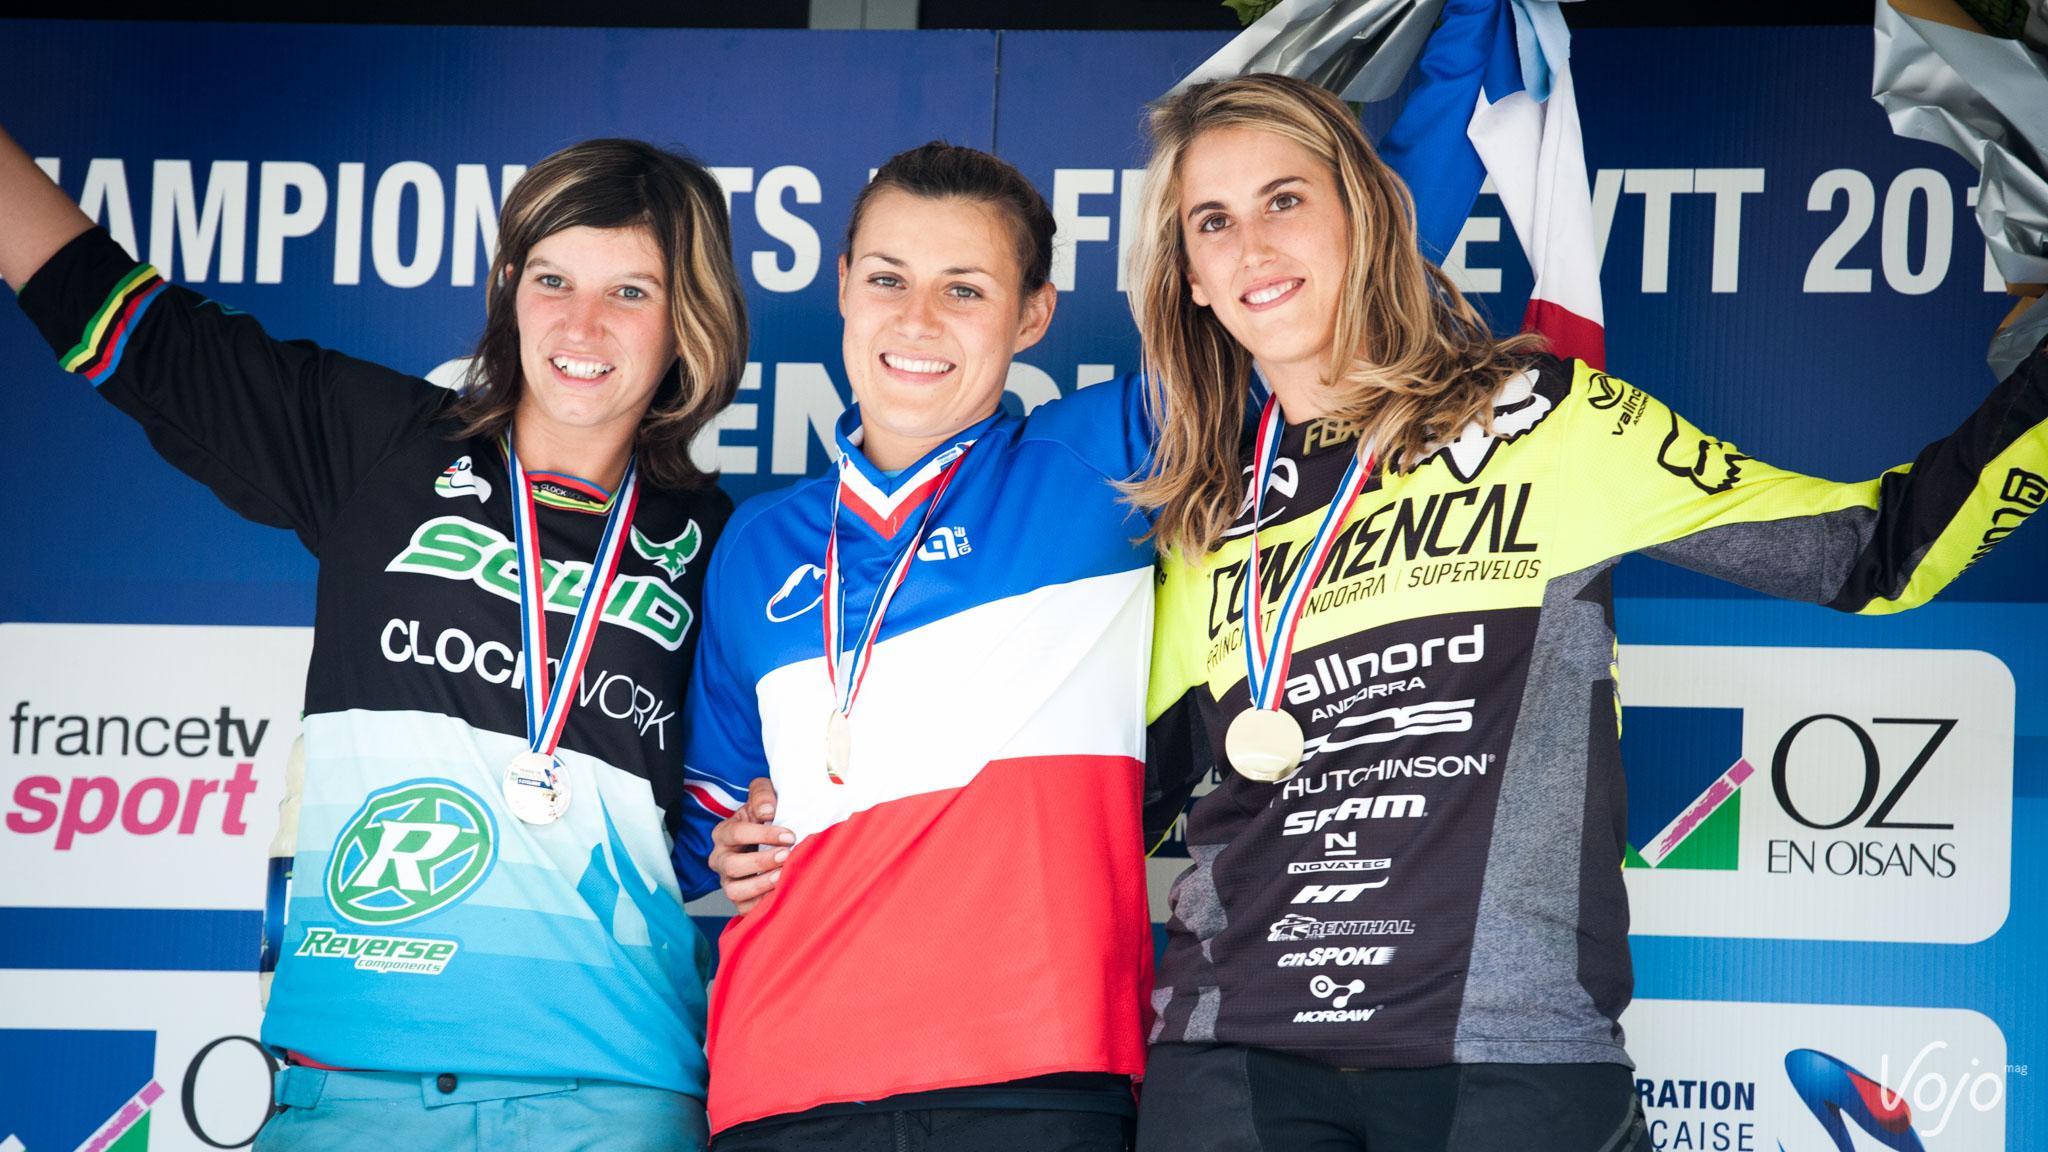 Championnats-de-france-2015-Oz-DH-finale-99